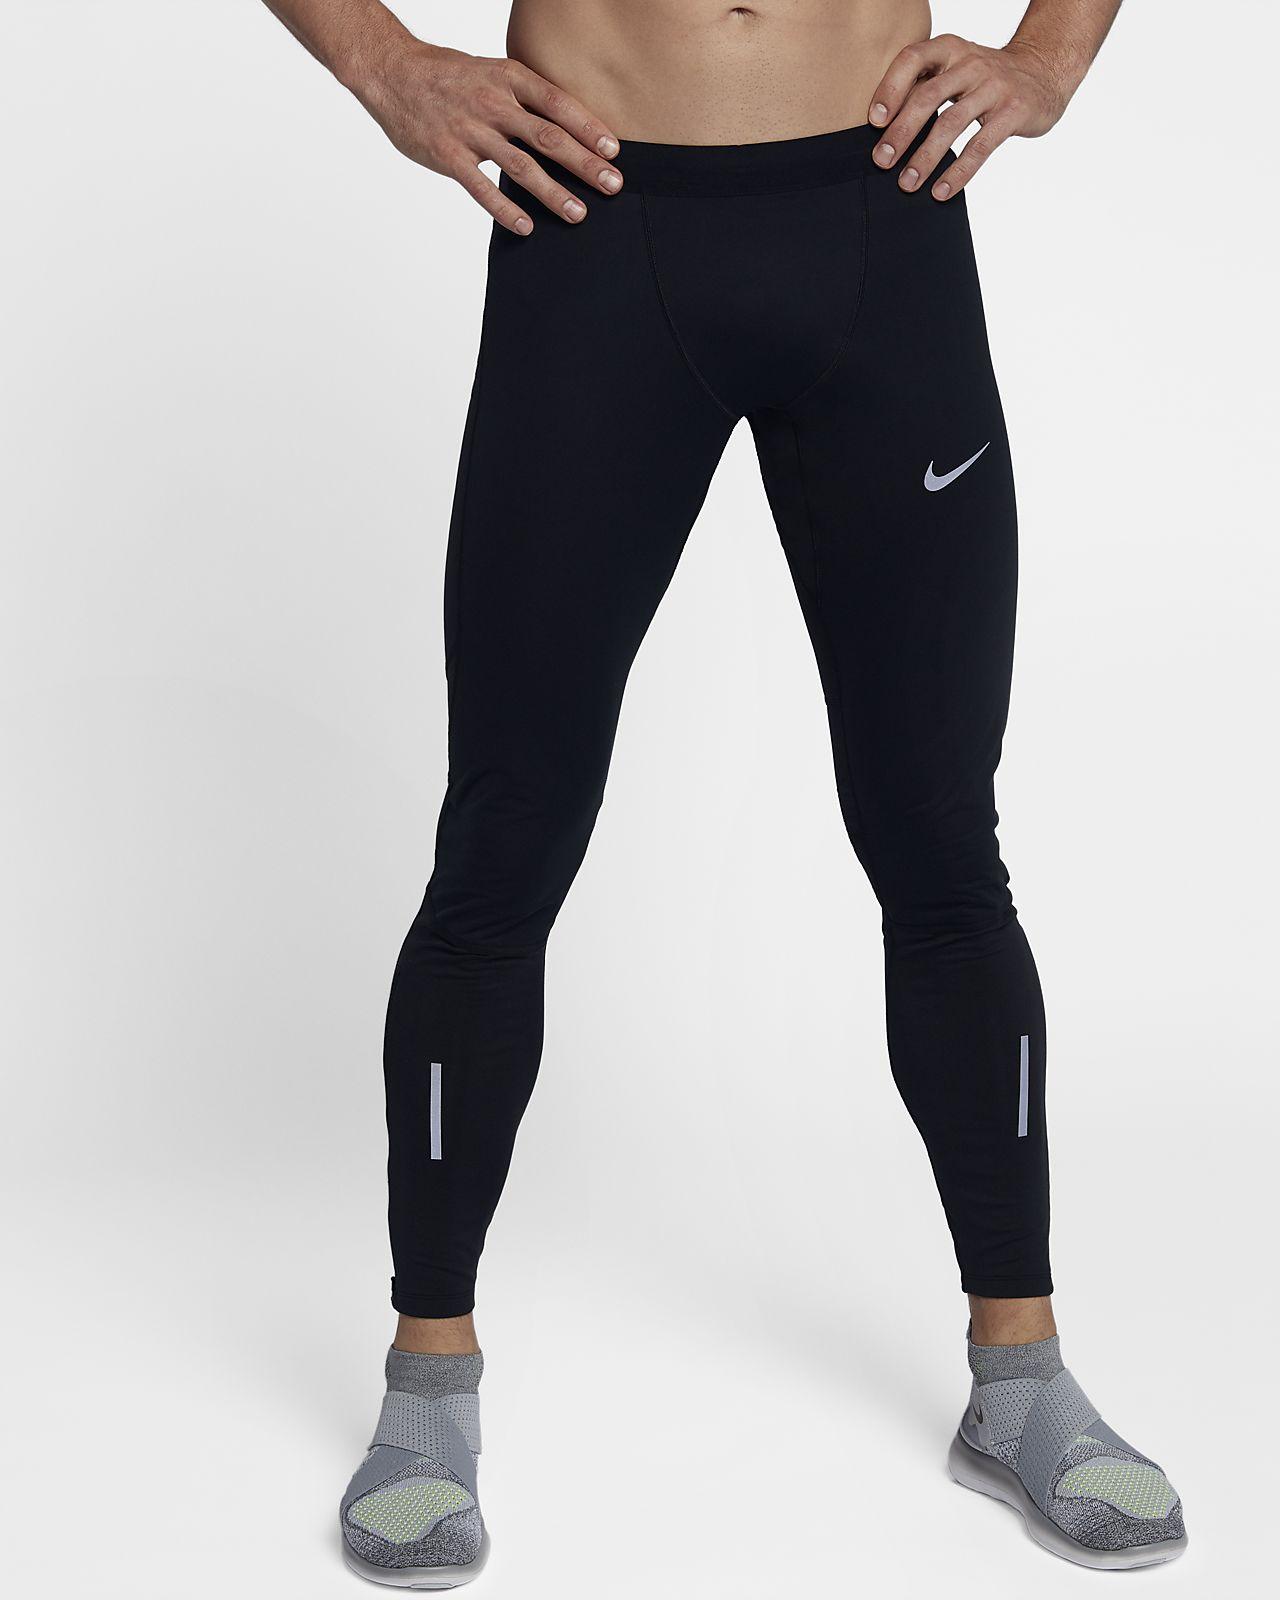 0ecf3f37664 Nike Shield Tech Men s 30